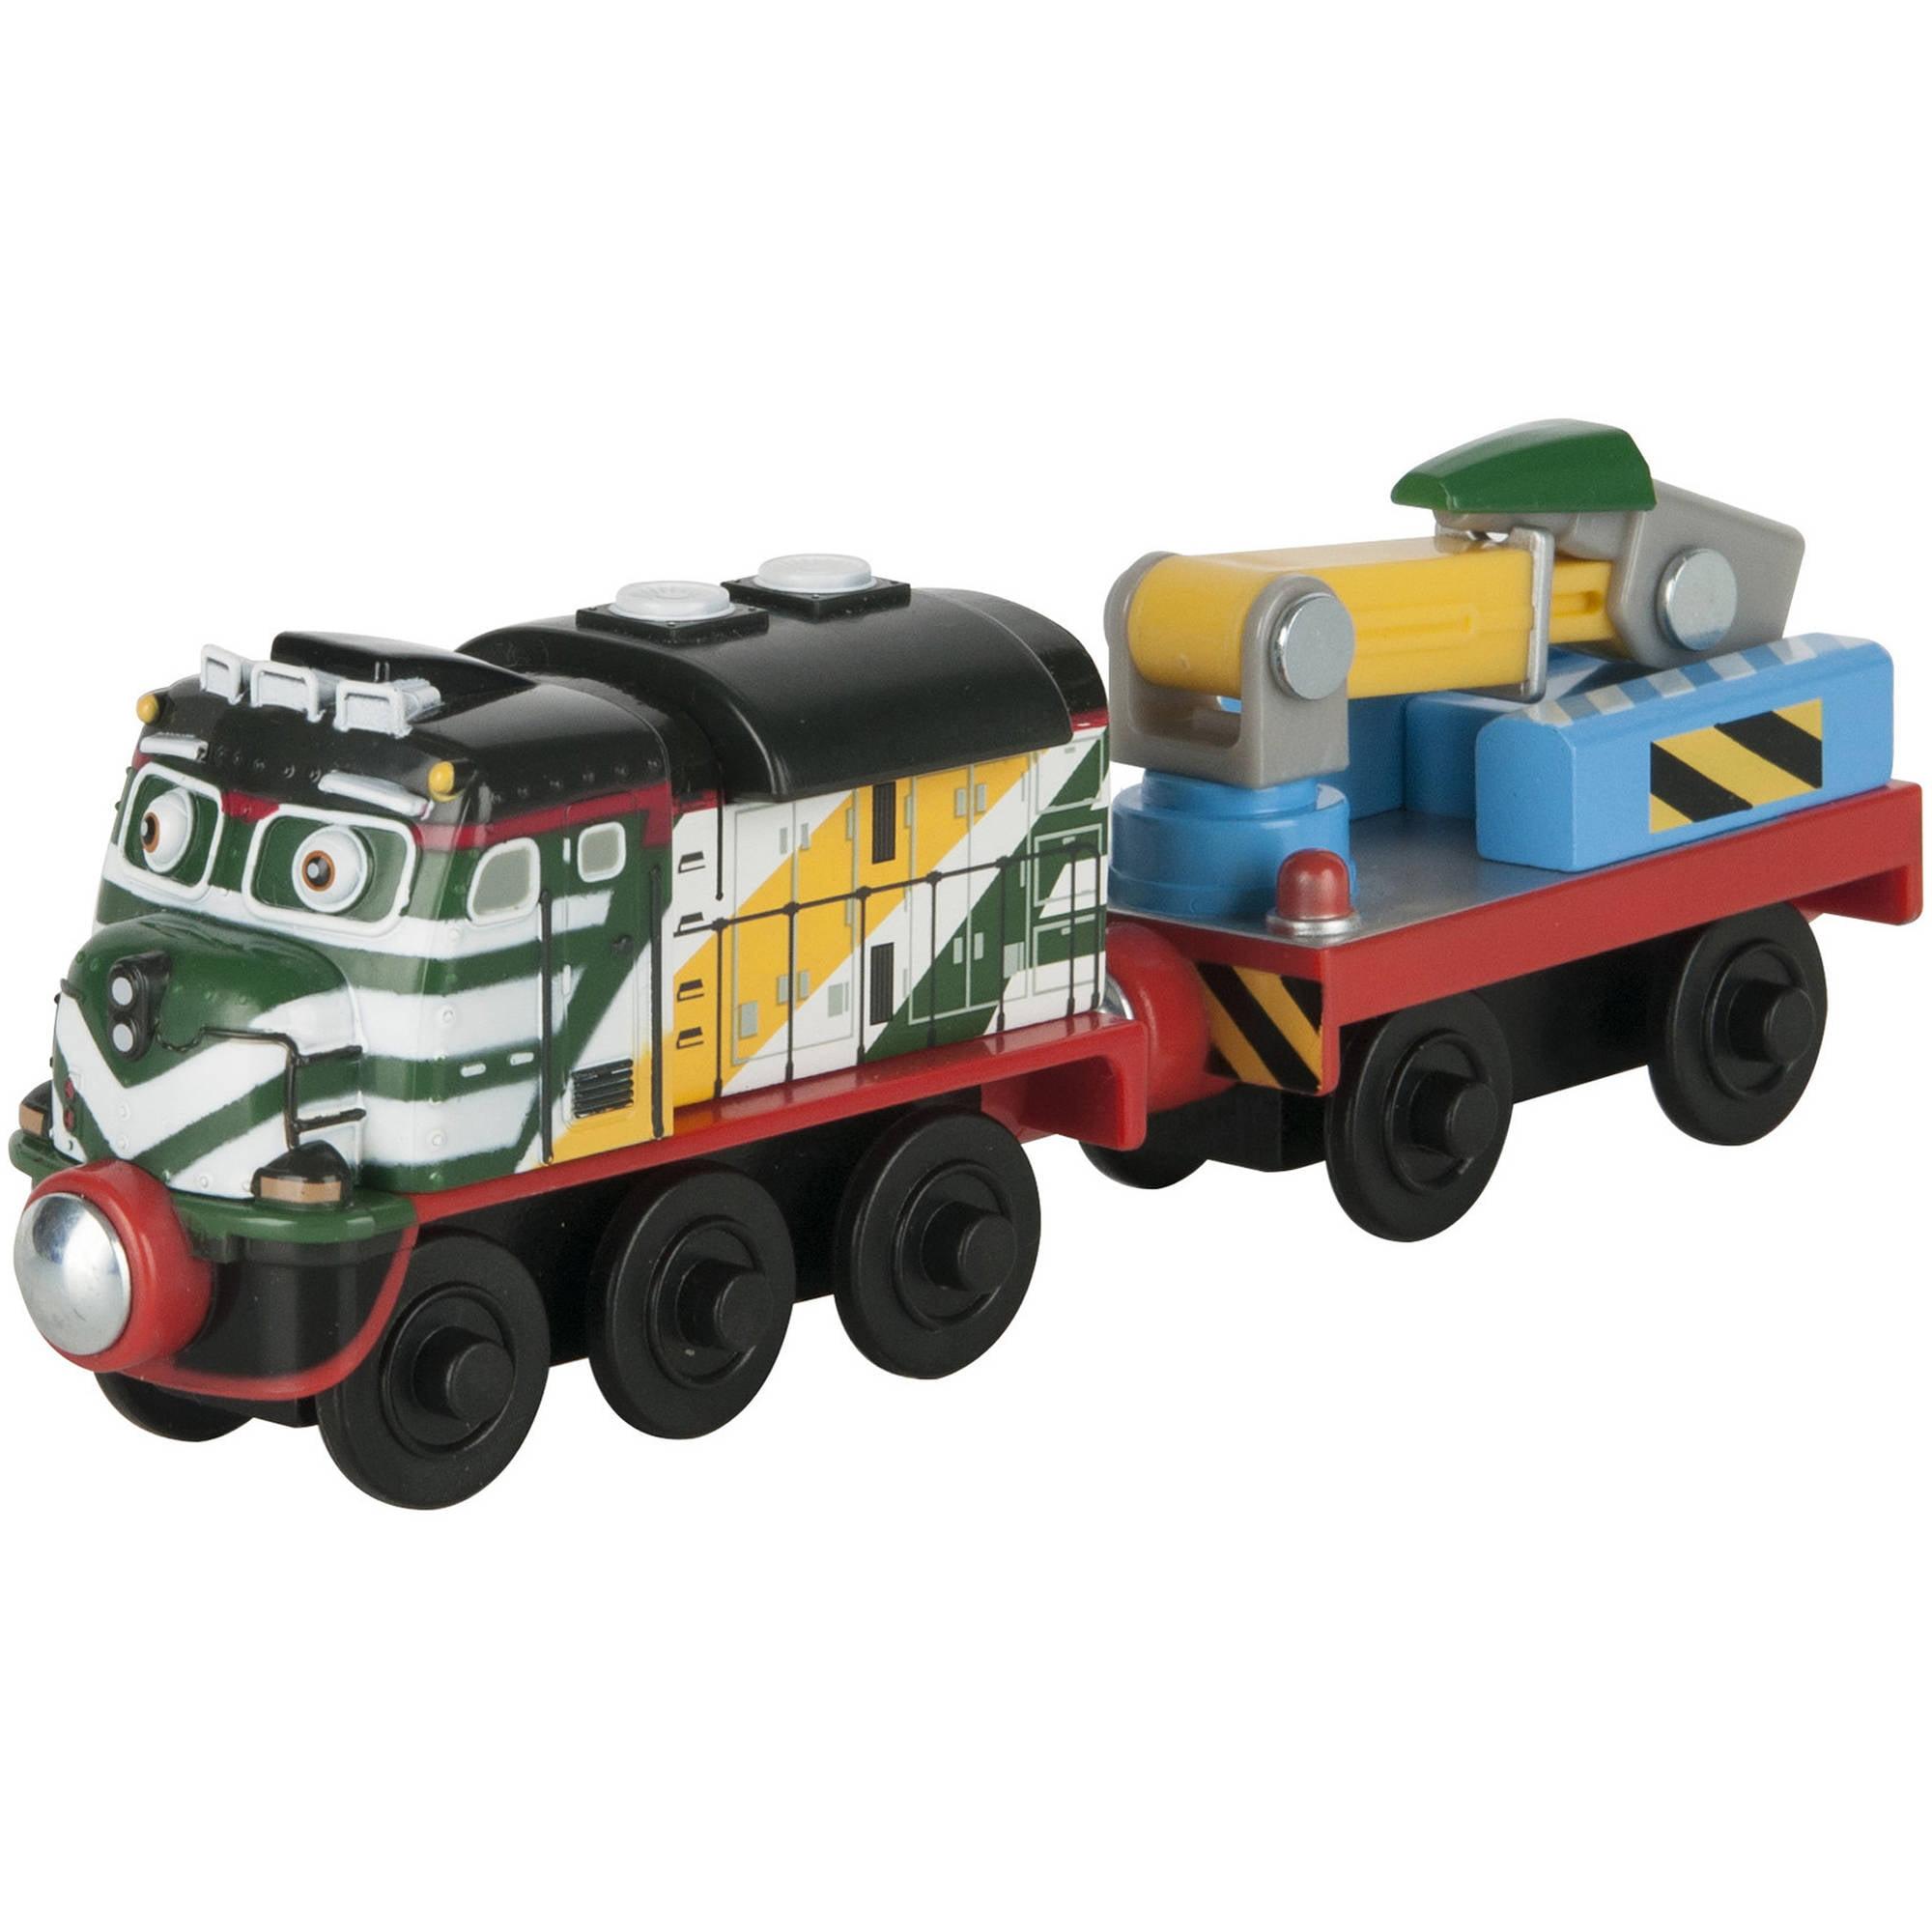 Chuggington Wooden Train Storage - Wooden Designs